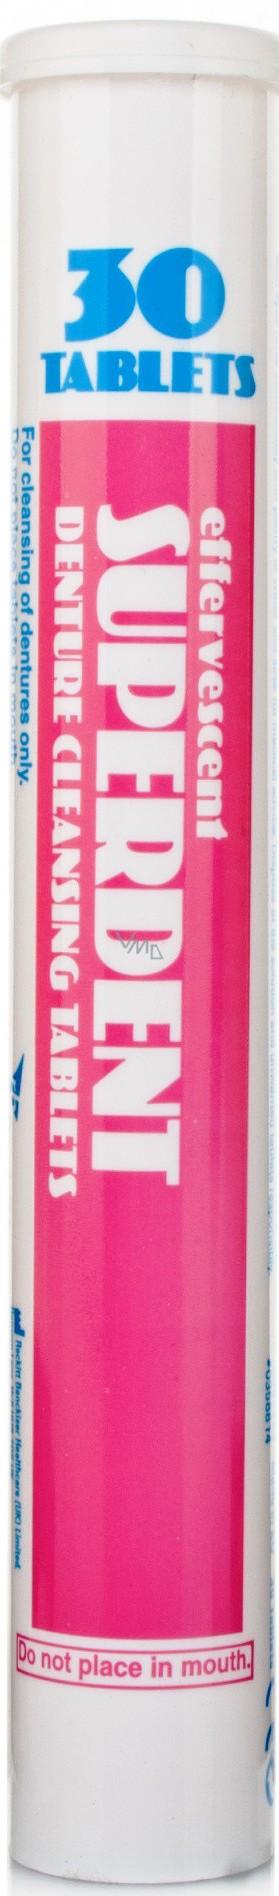 Superdent Denture Cleansing Tablets tablety na čištění umělého chrupu 30 kusů